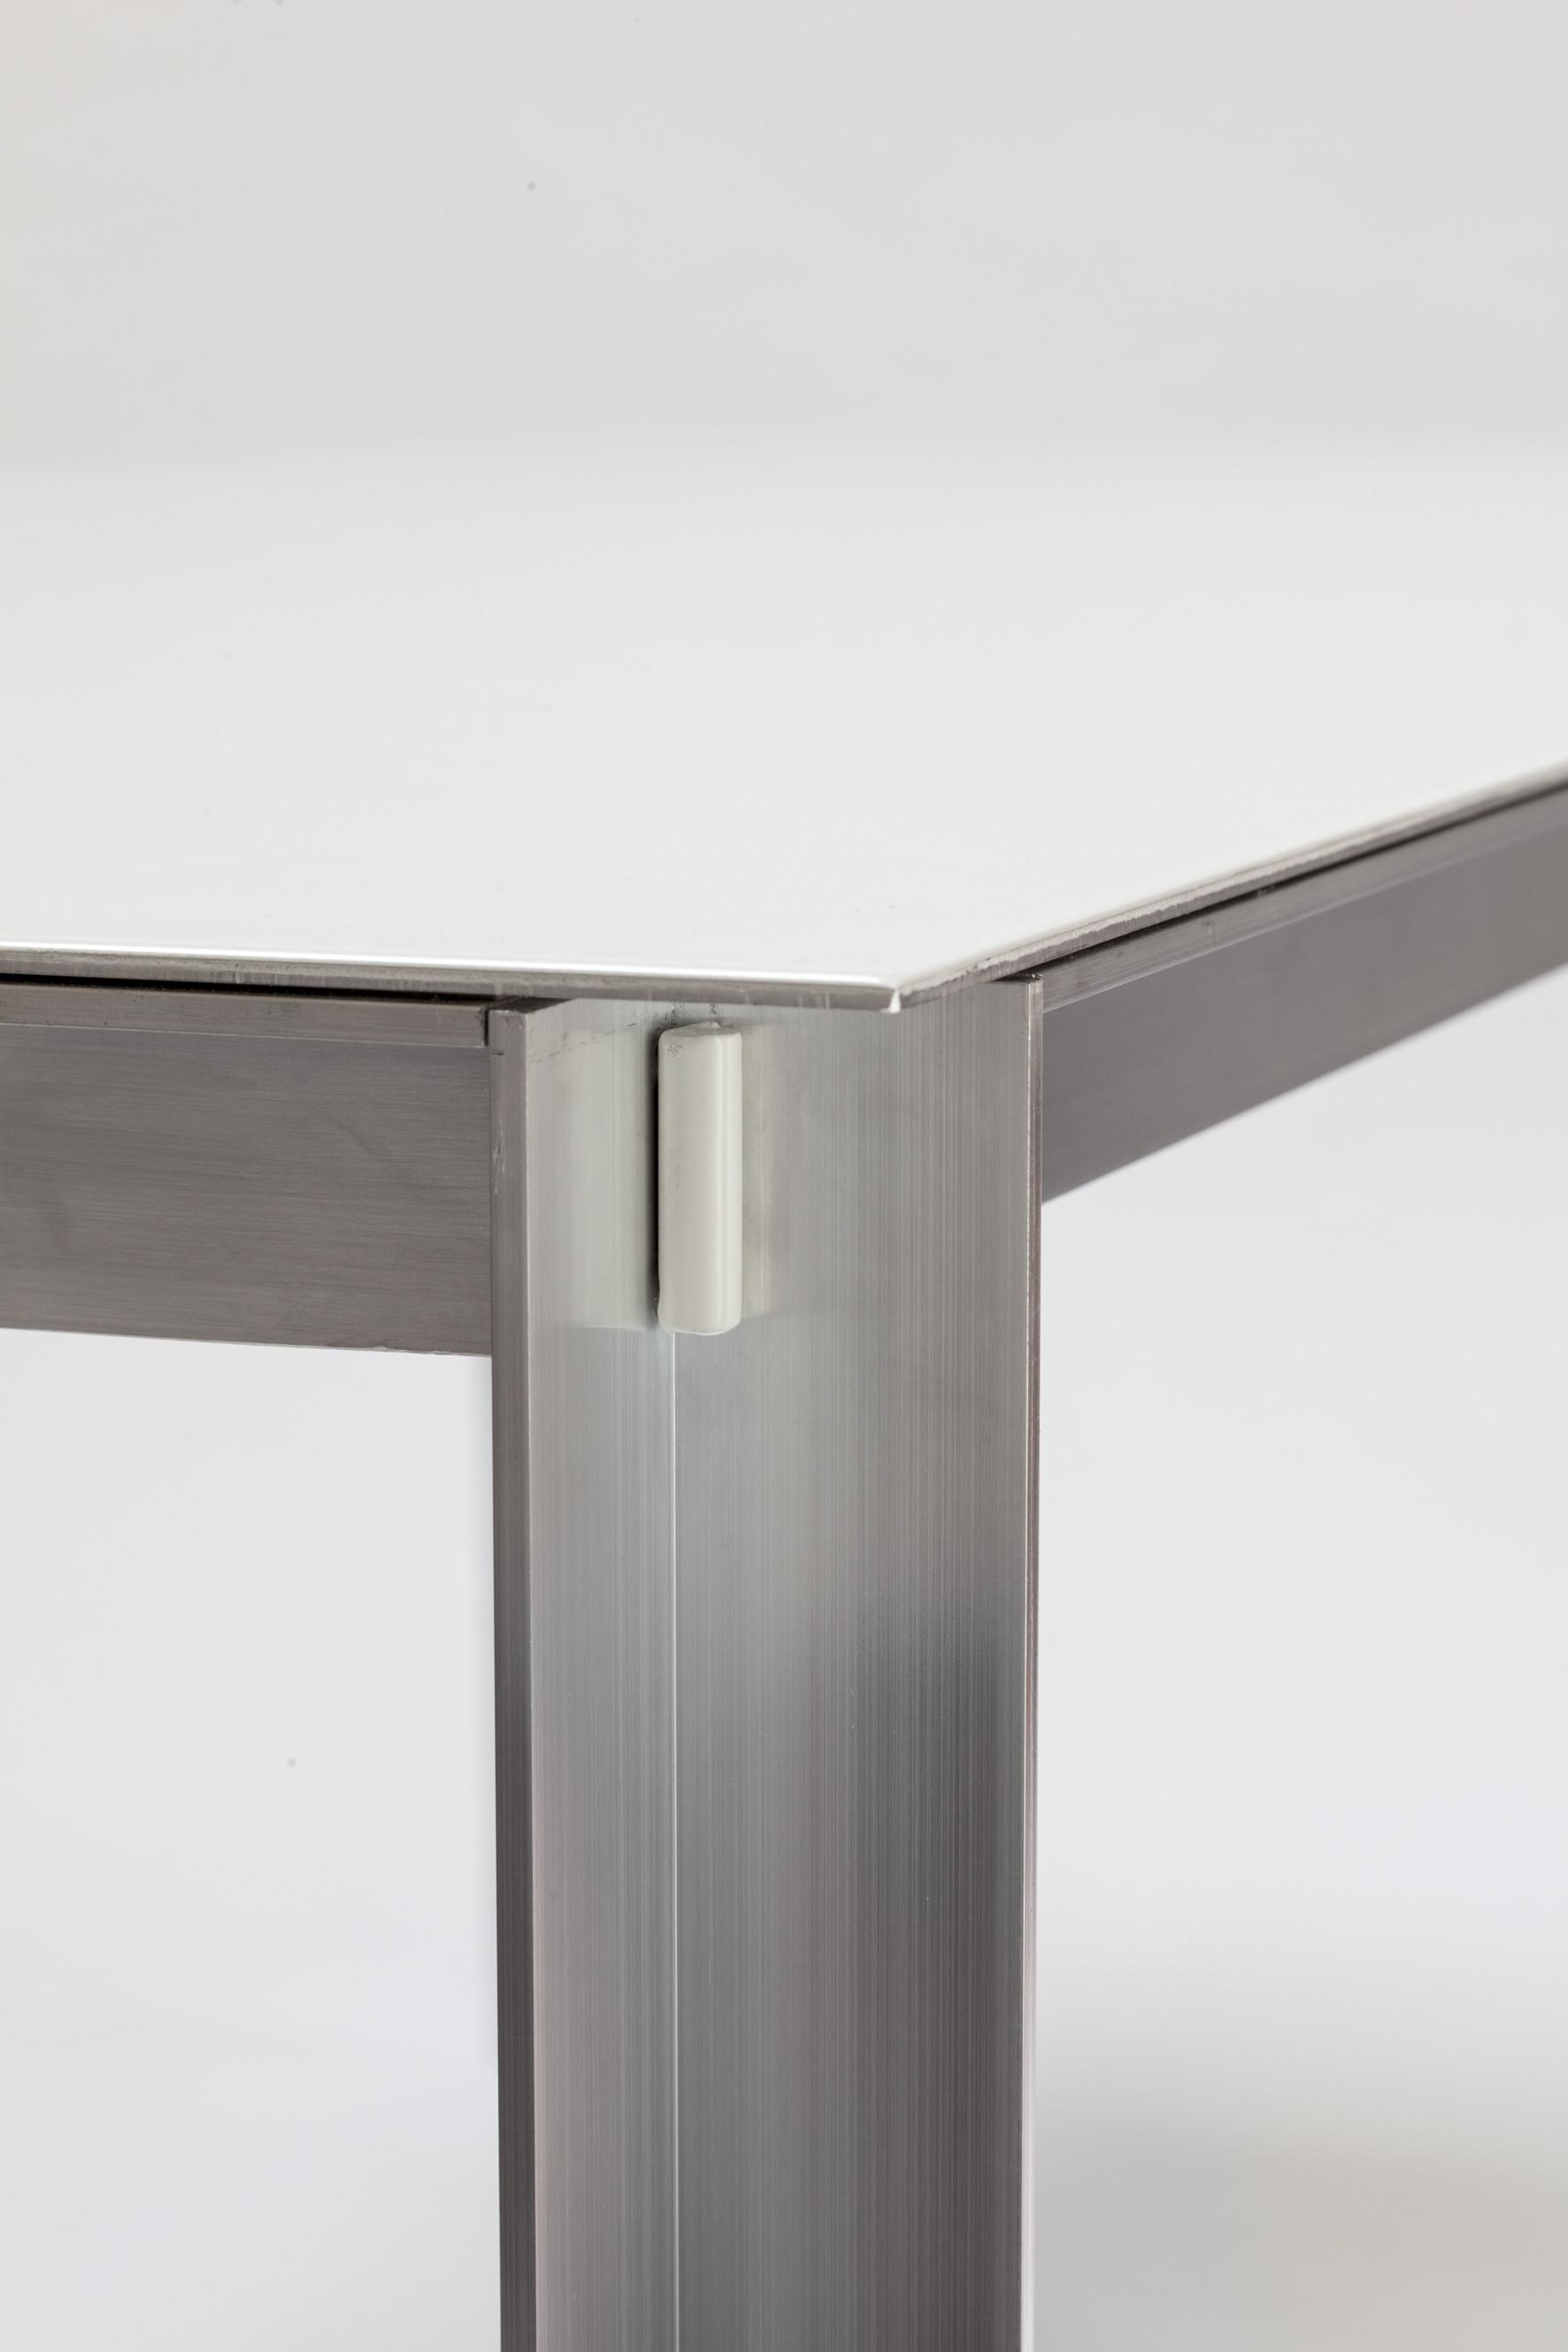 OFFICE Kersten Geers David Van Severen Design Limited Furniture Series For  MANIERA,OFFICE Kersten Geers